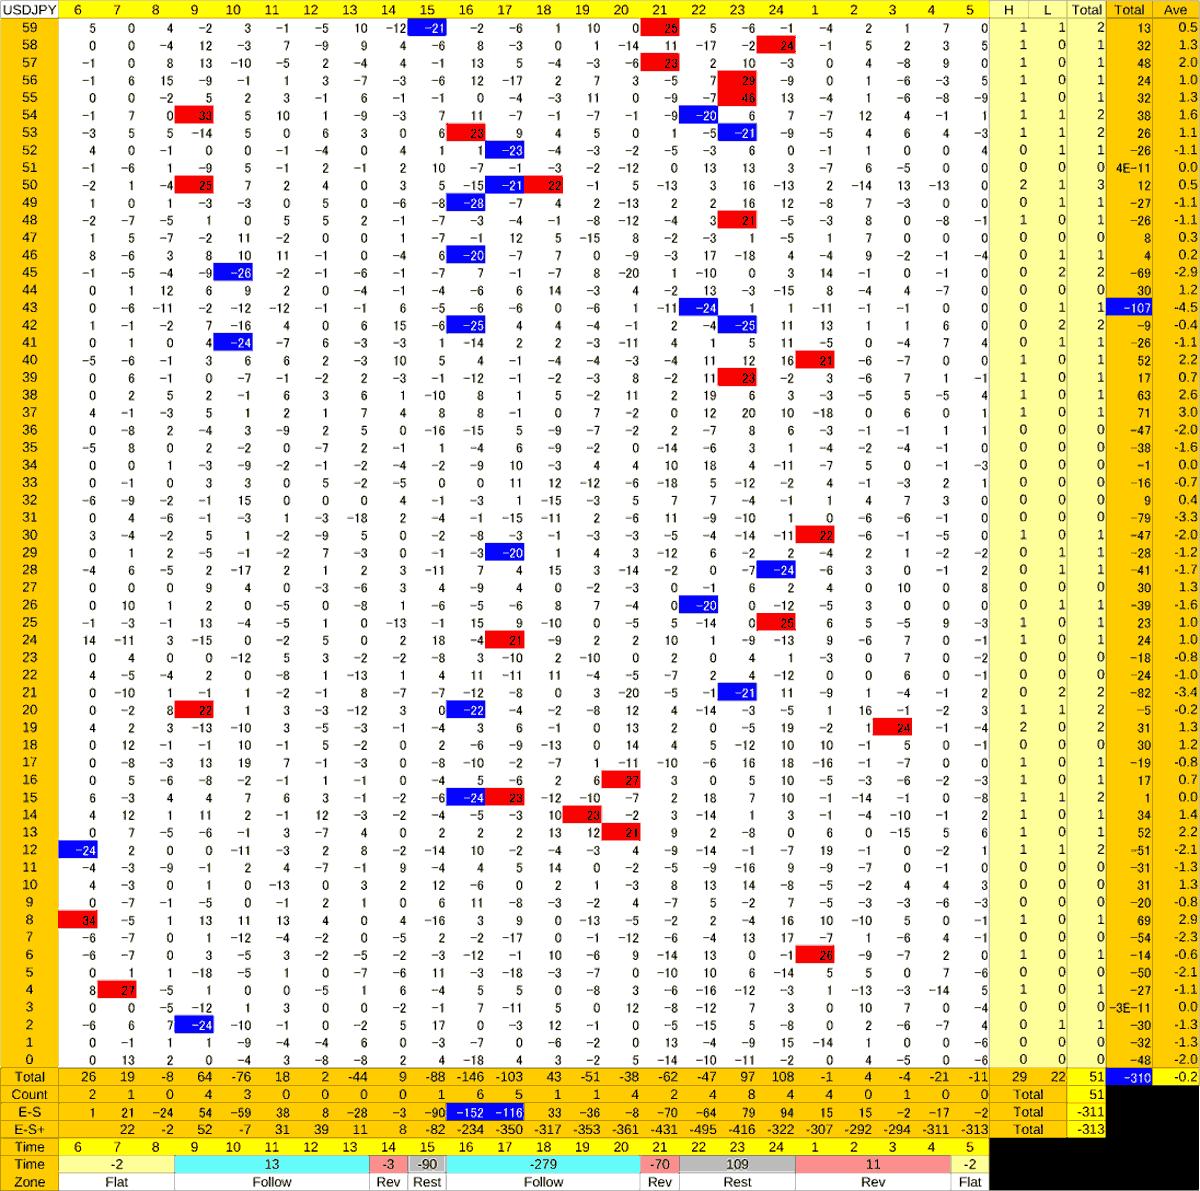 20200715_HS(1)USDJPY